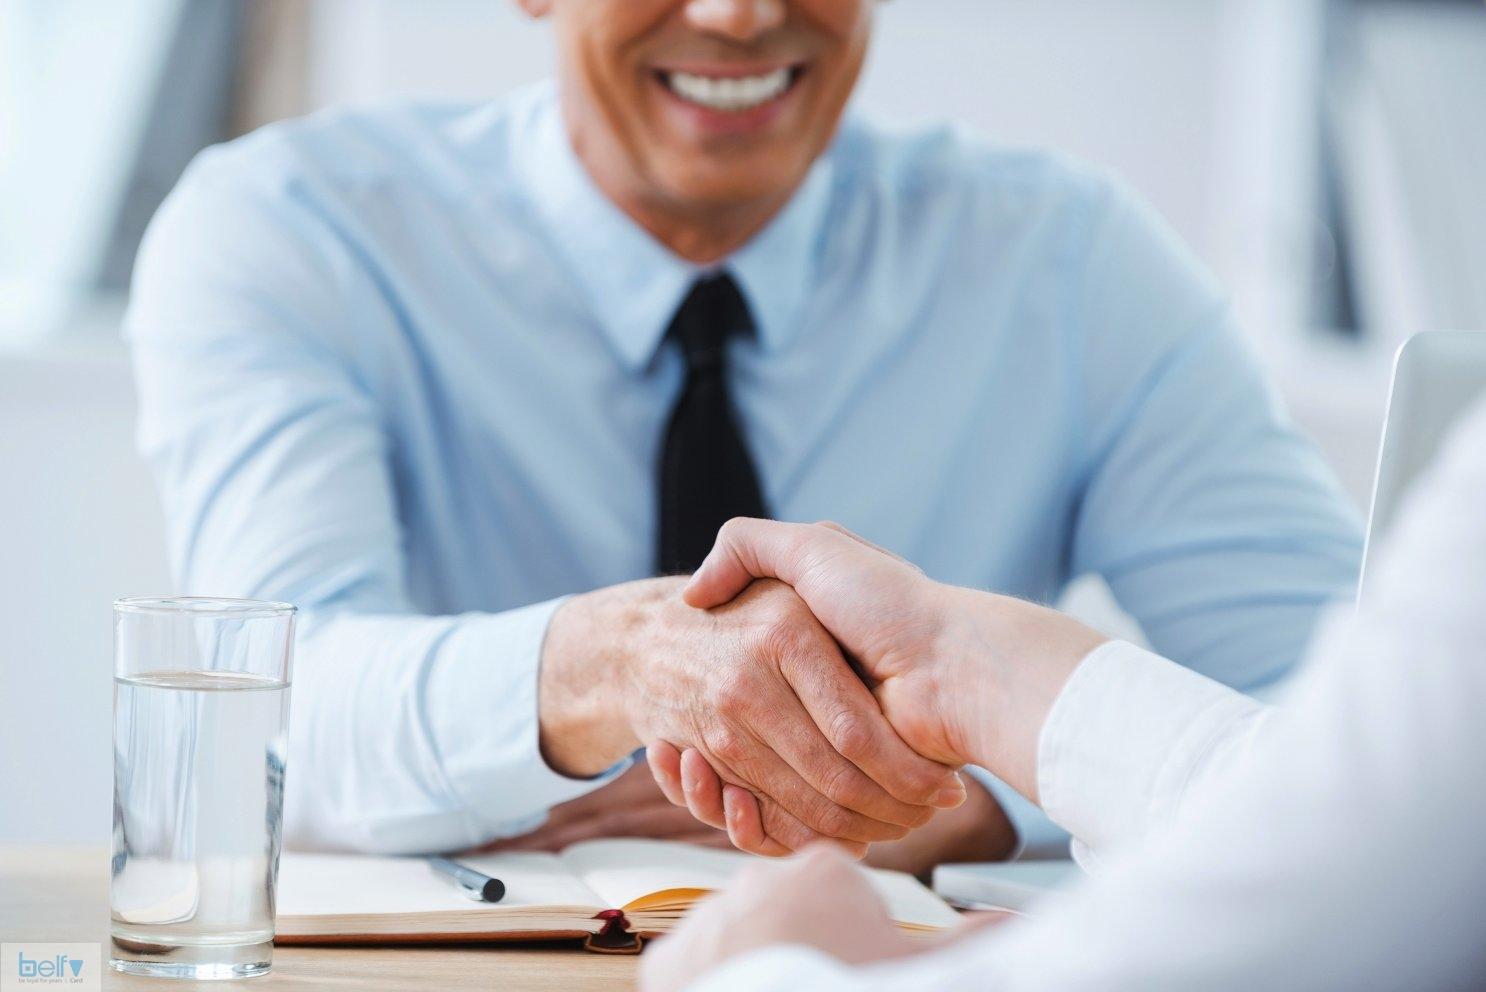 مشارکت مشتری و مزایای آن در کسب و کارها